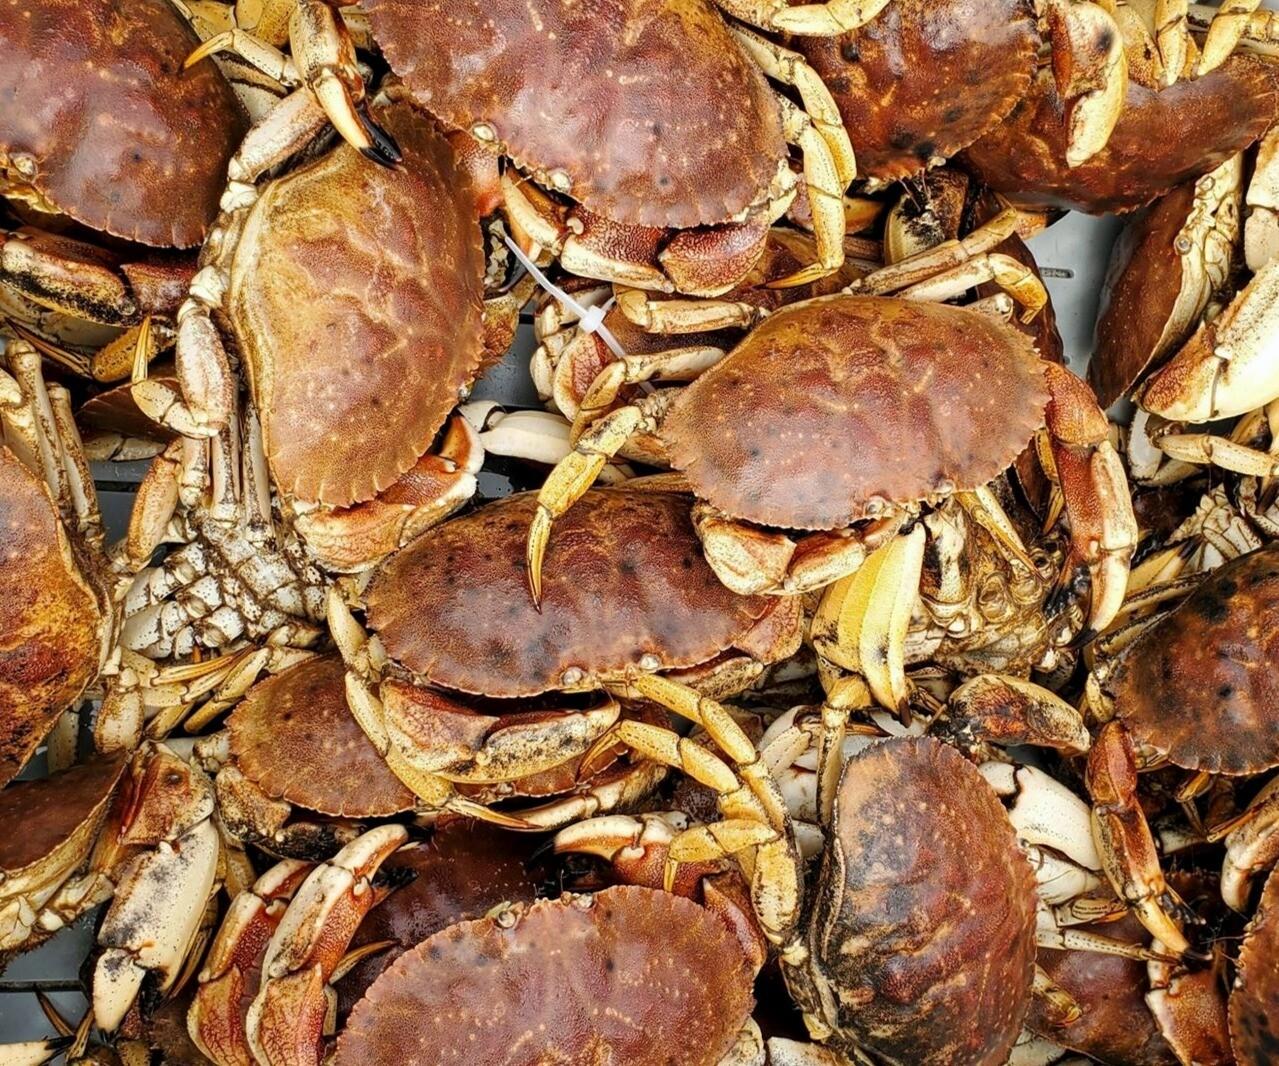 Live Maine Crab